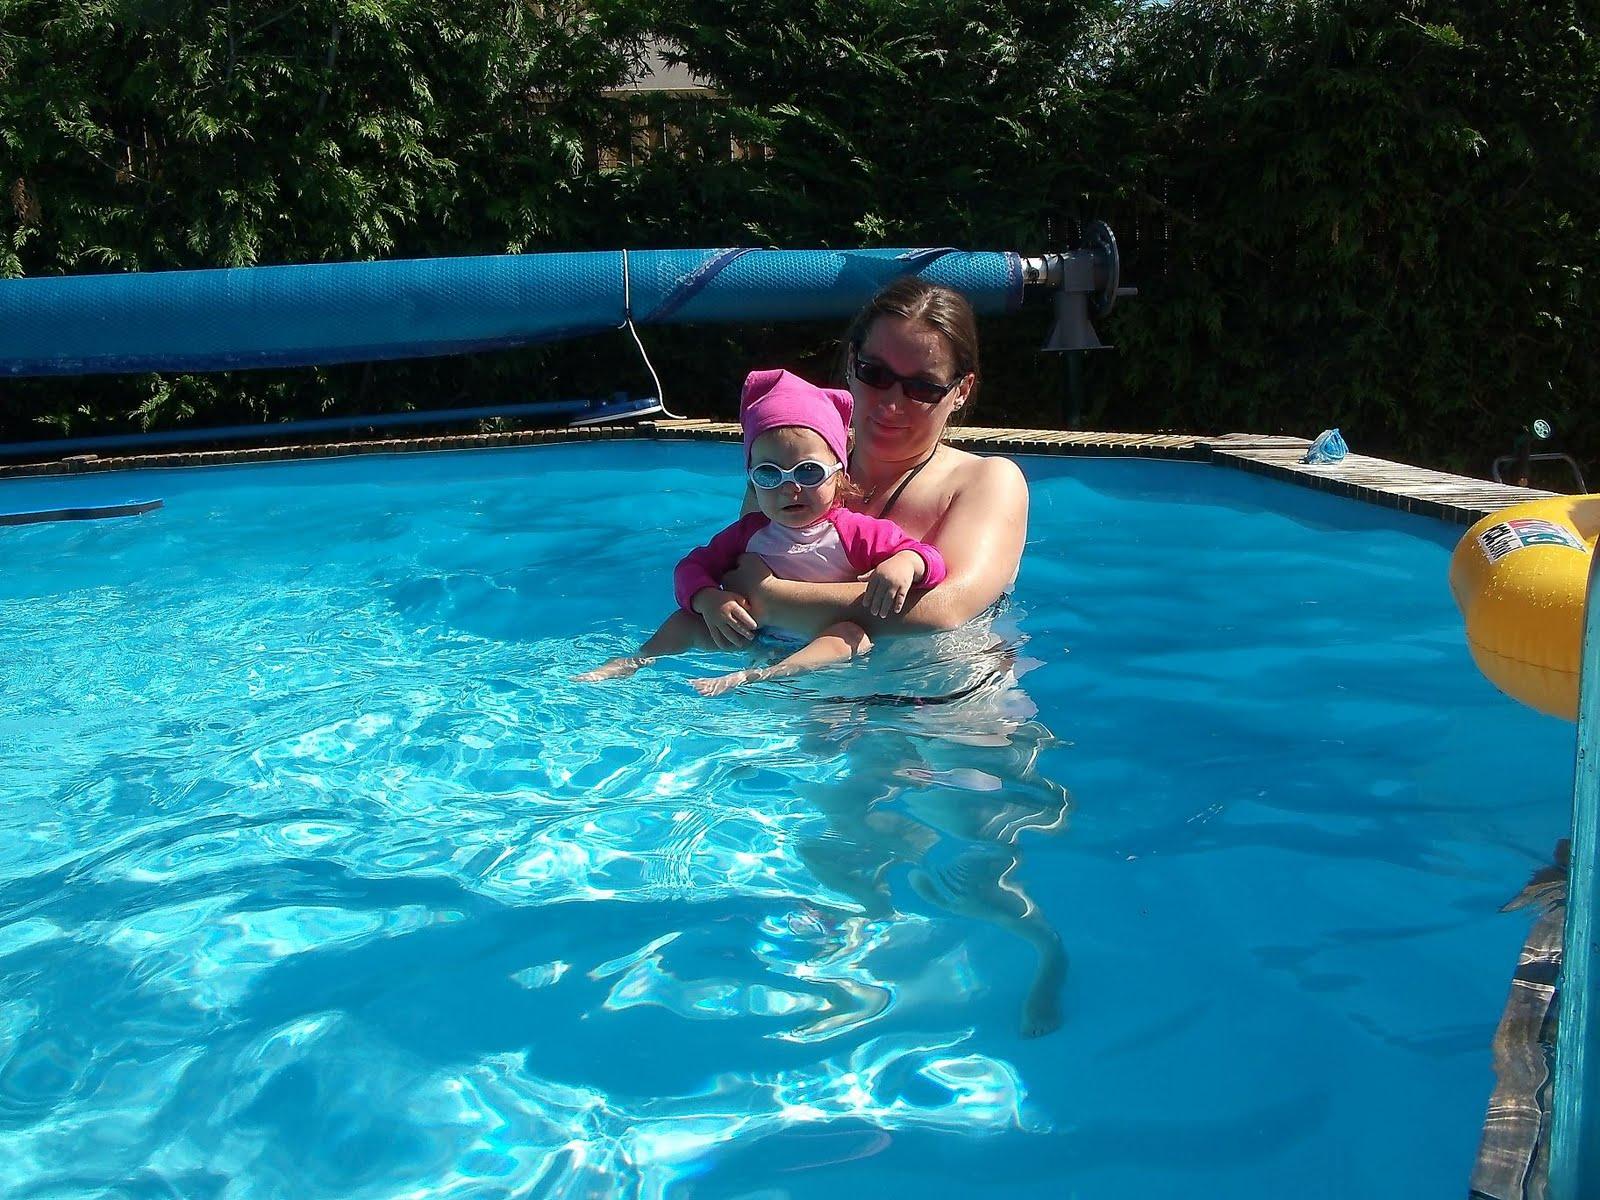 Scrap 39 n dos la piscine for Pansement piscine